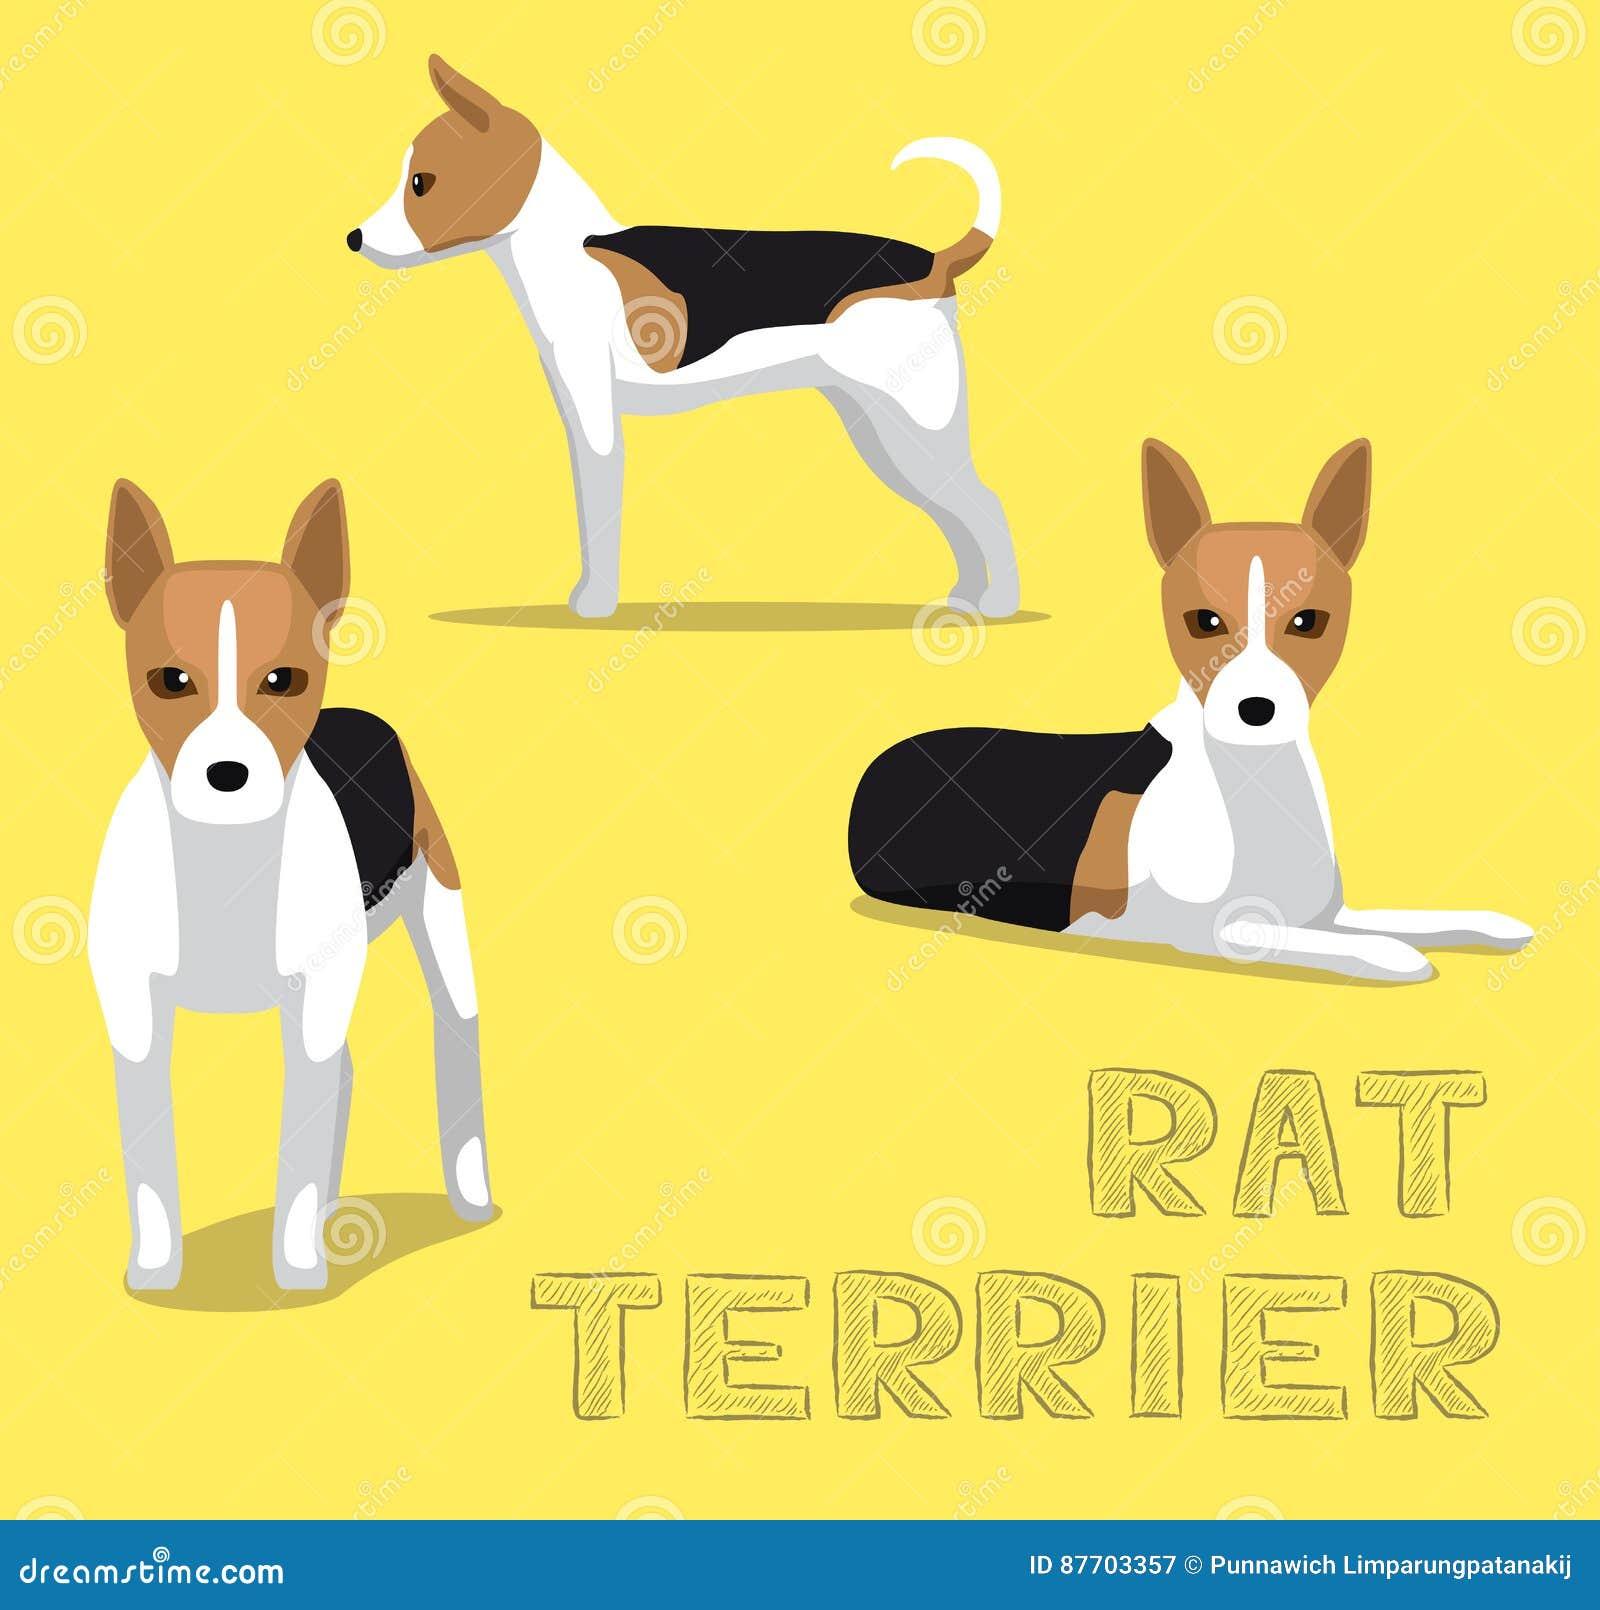 Illustration de vecteur de bande dessinée de Rat terrier de chien